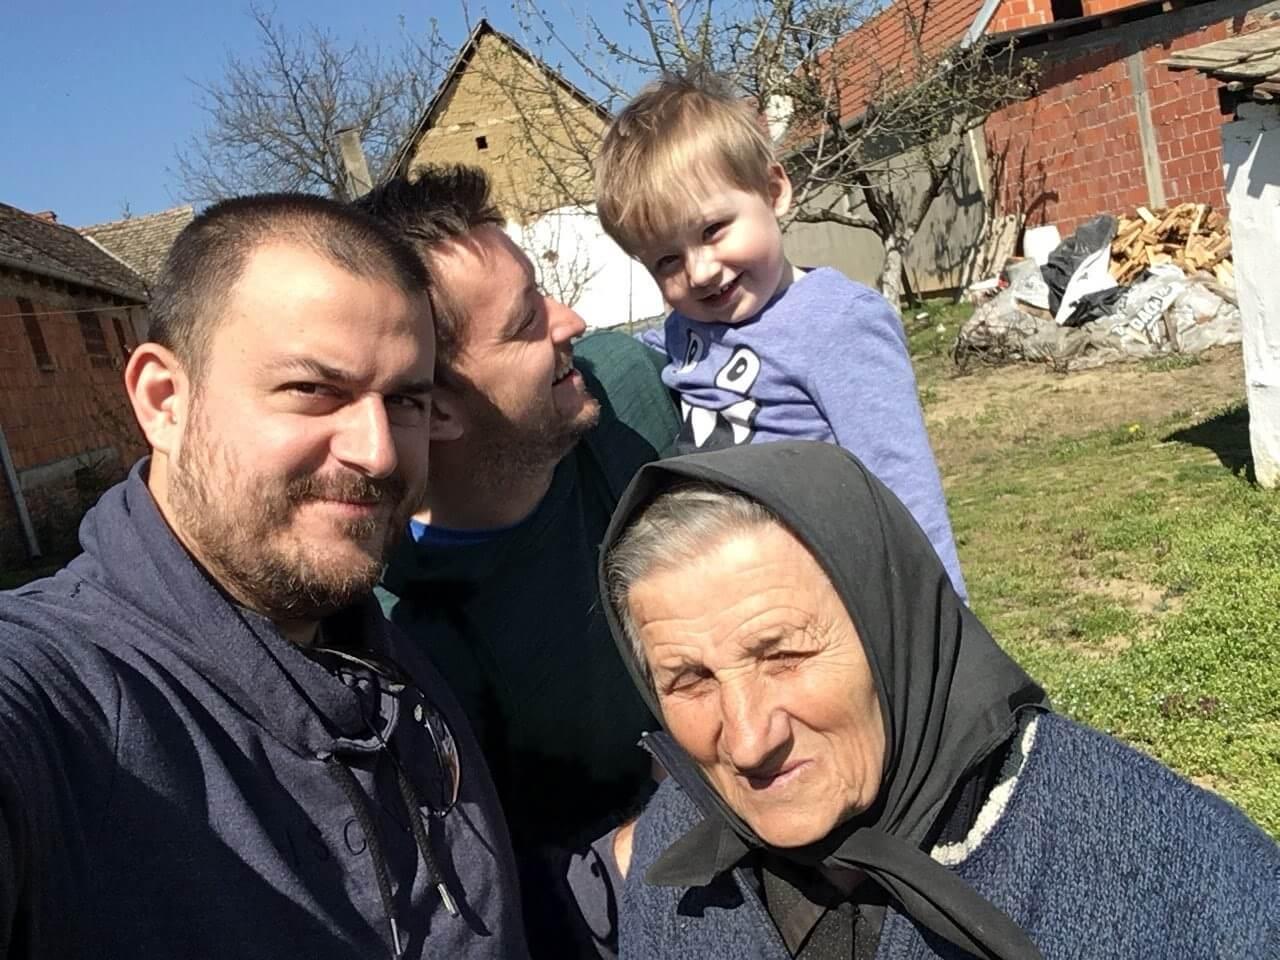 'Lovac' objavio međugeneracijski selfi, od praunuka do prabake!